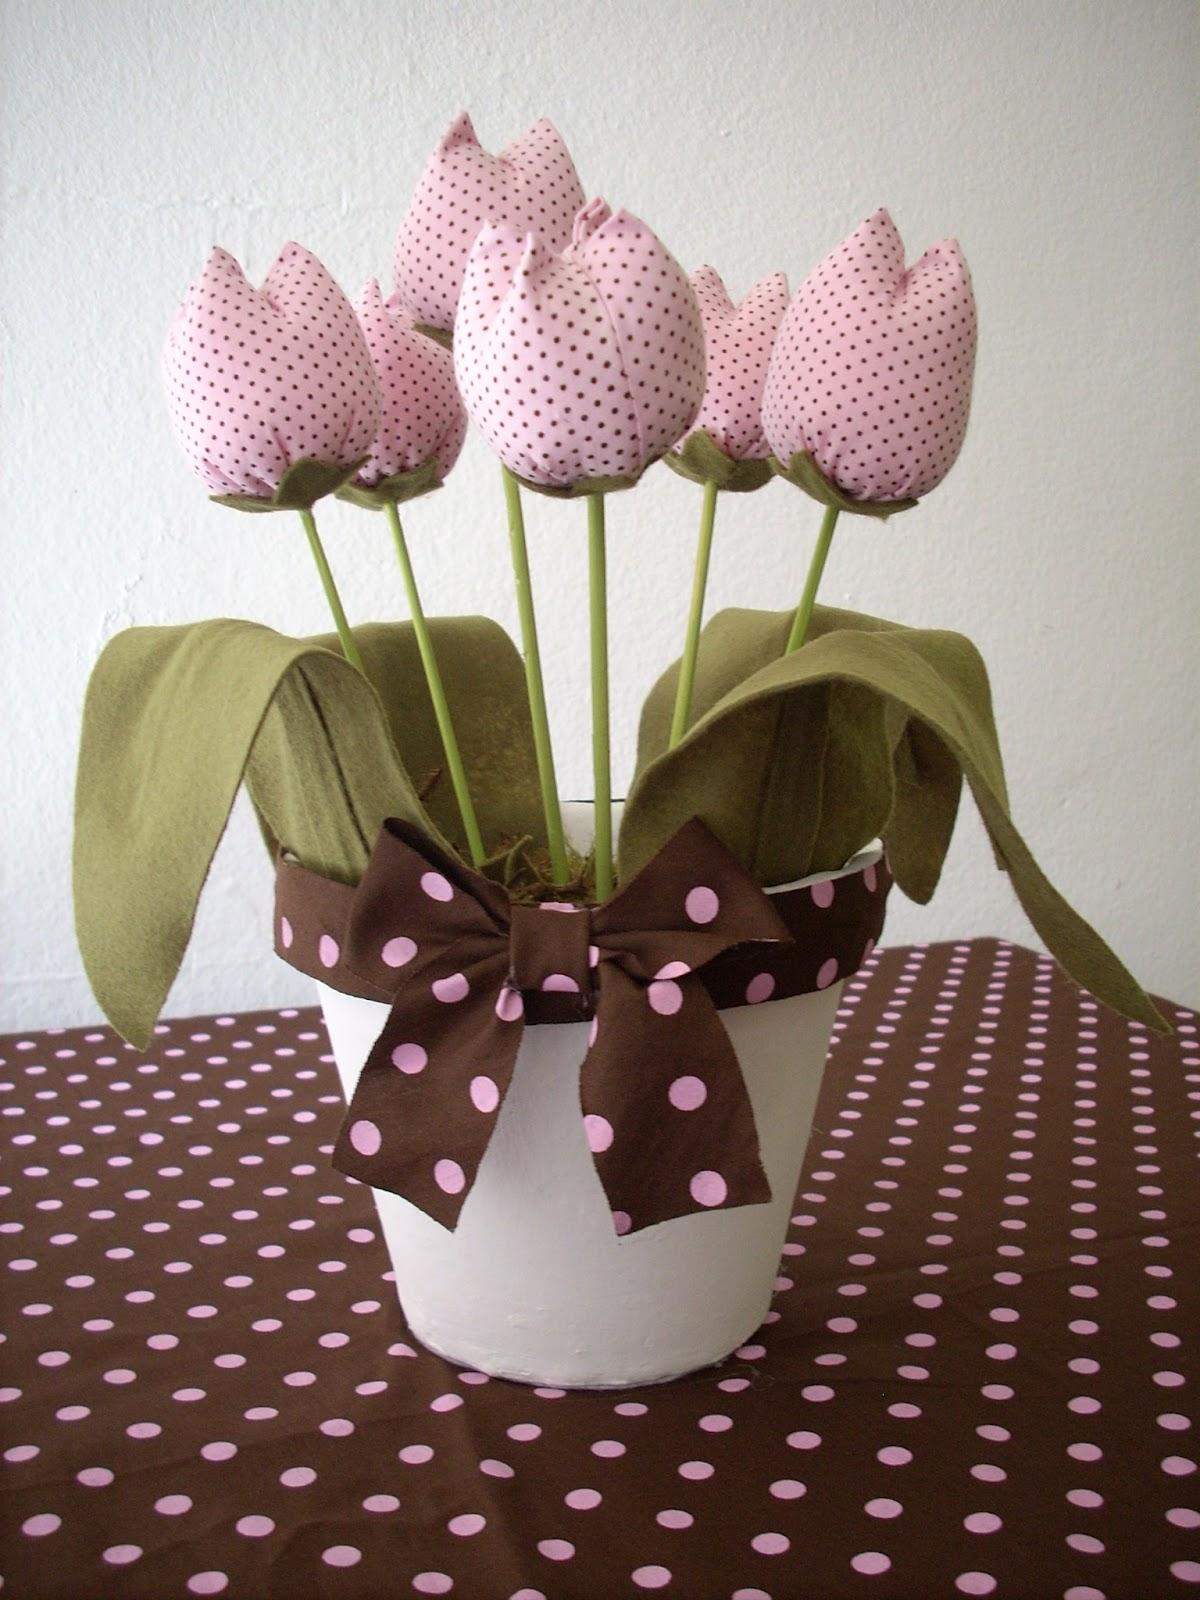 flores do jardim mrv:Esse vaso com tulipas rosa e marrom fica ótimo para decorar mesas com